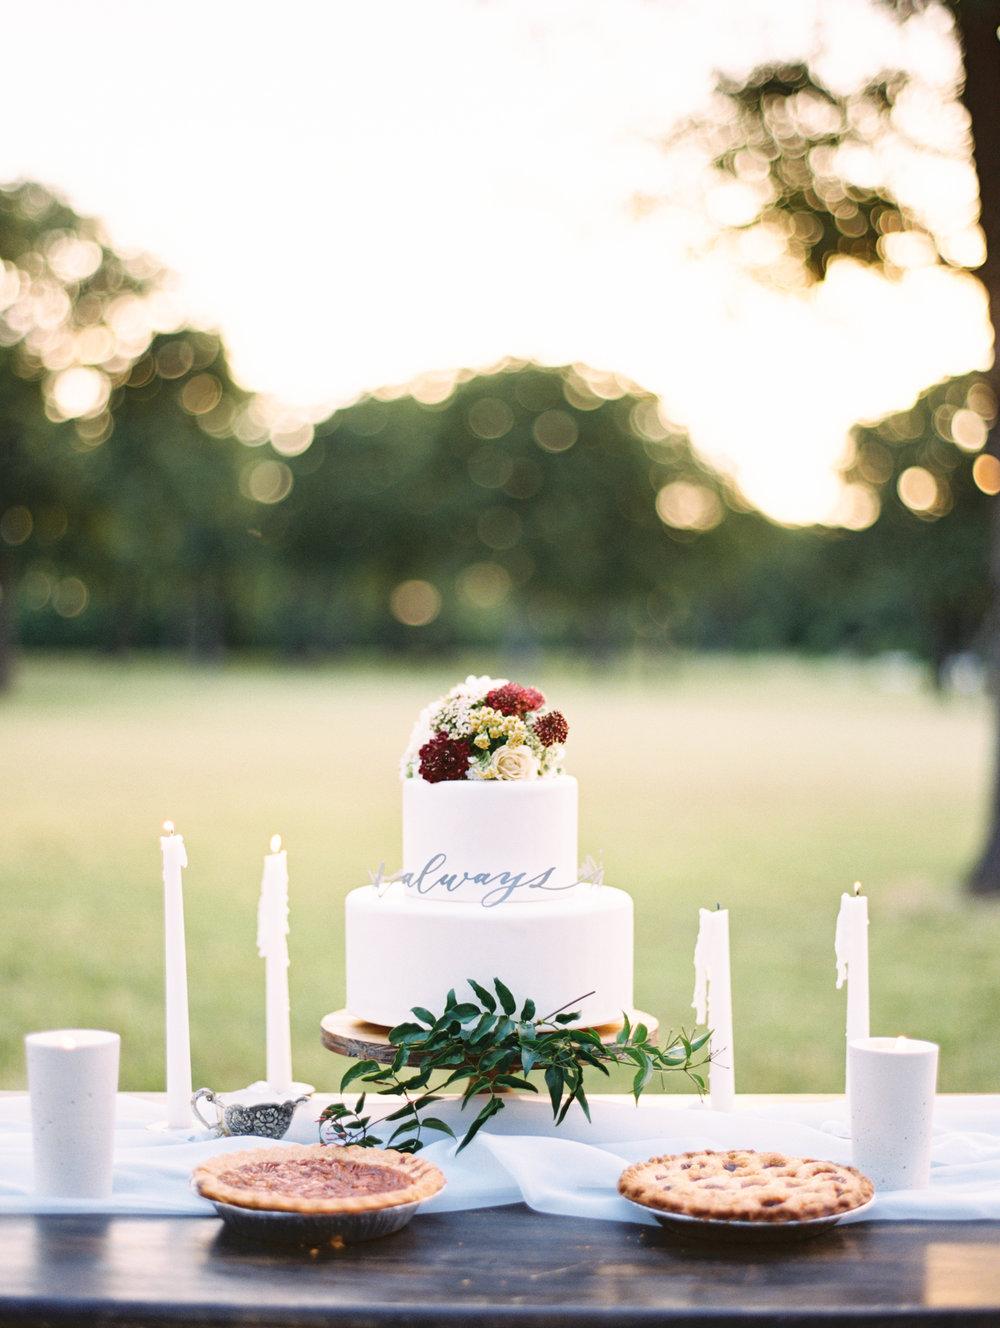 halo-cake-topper